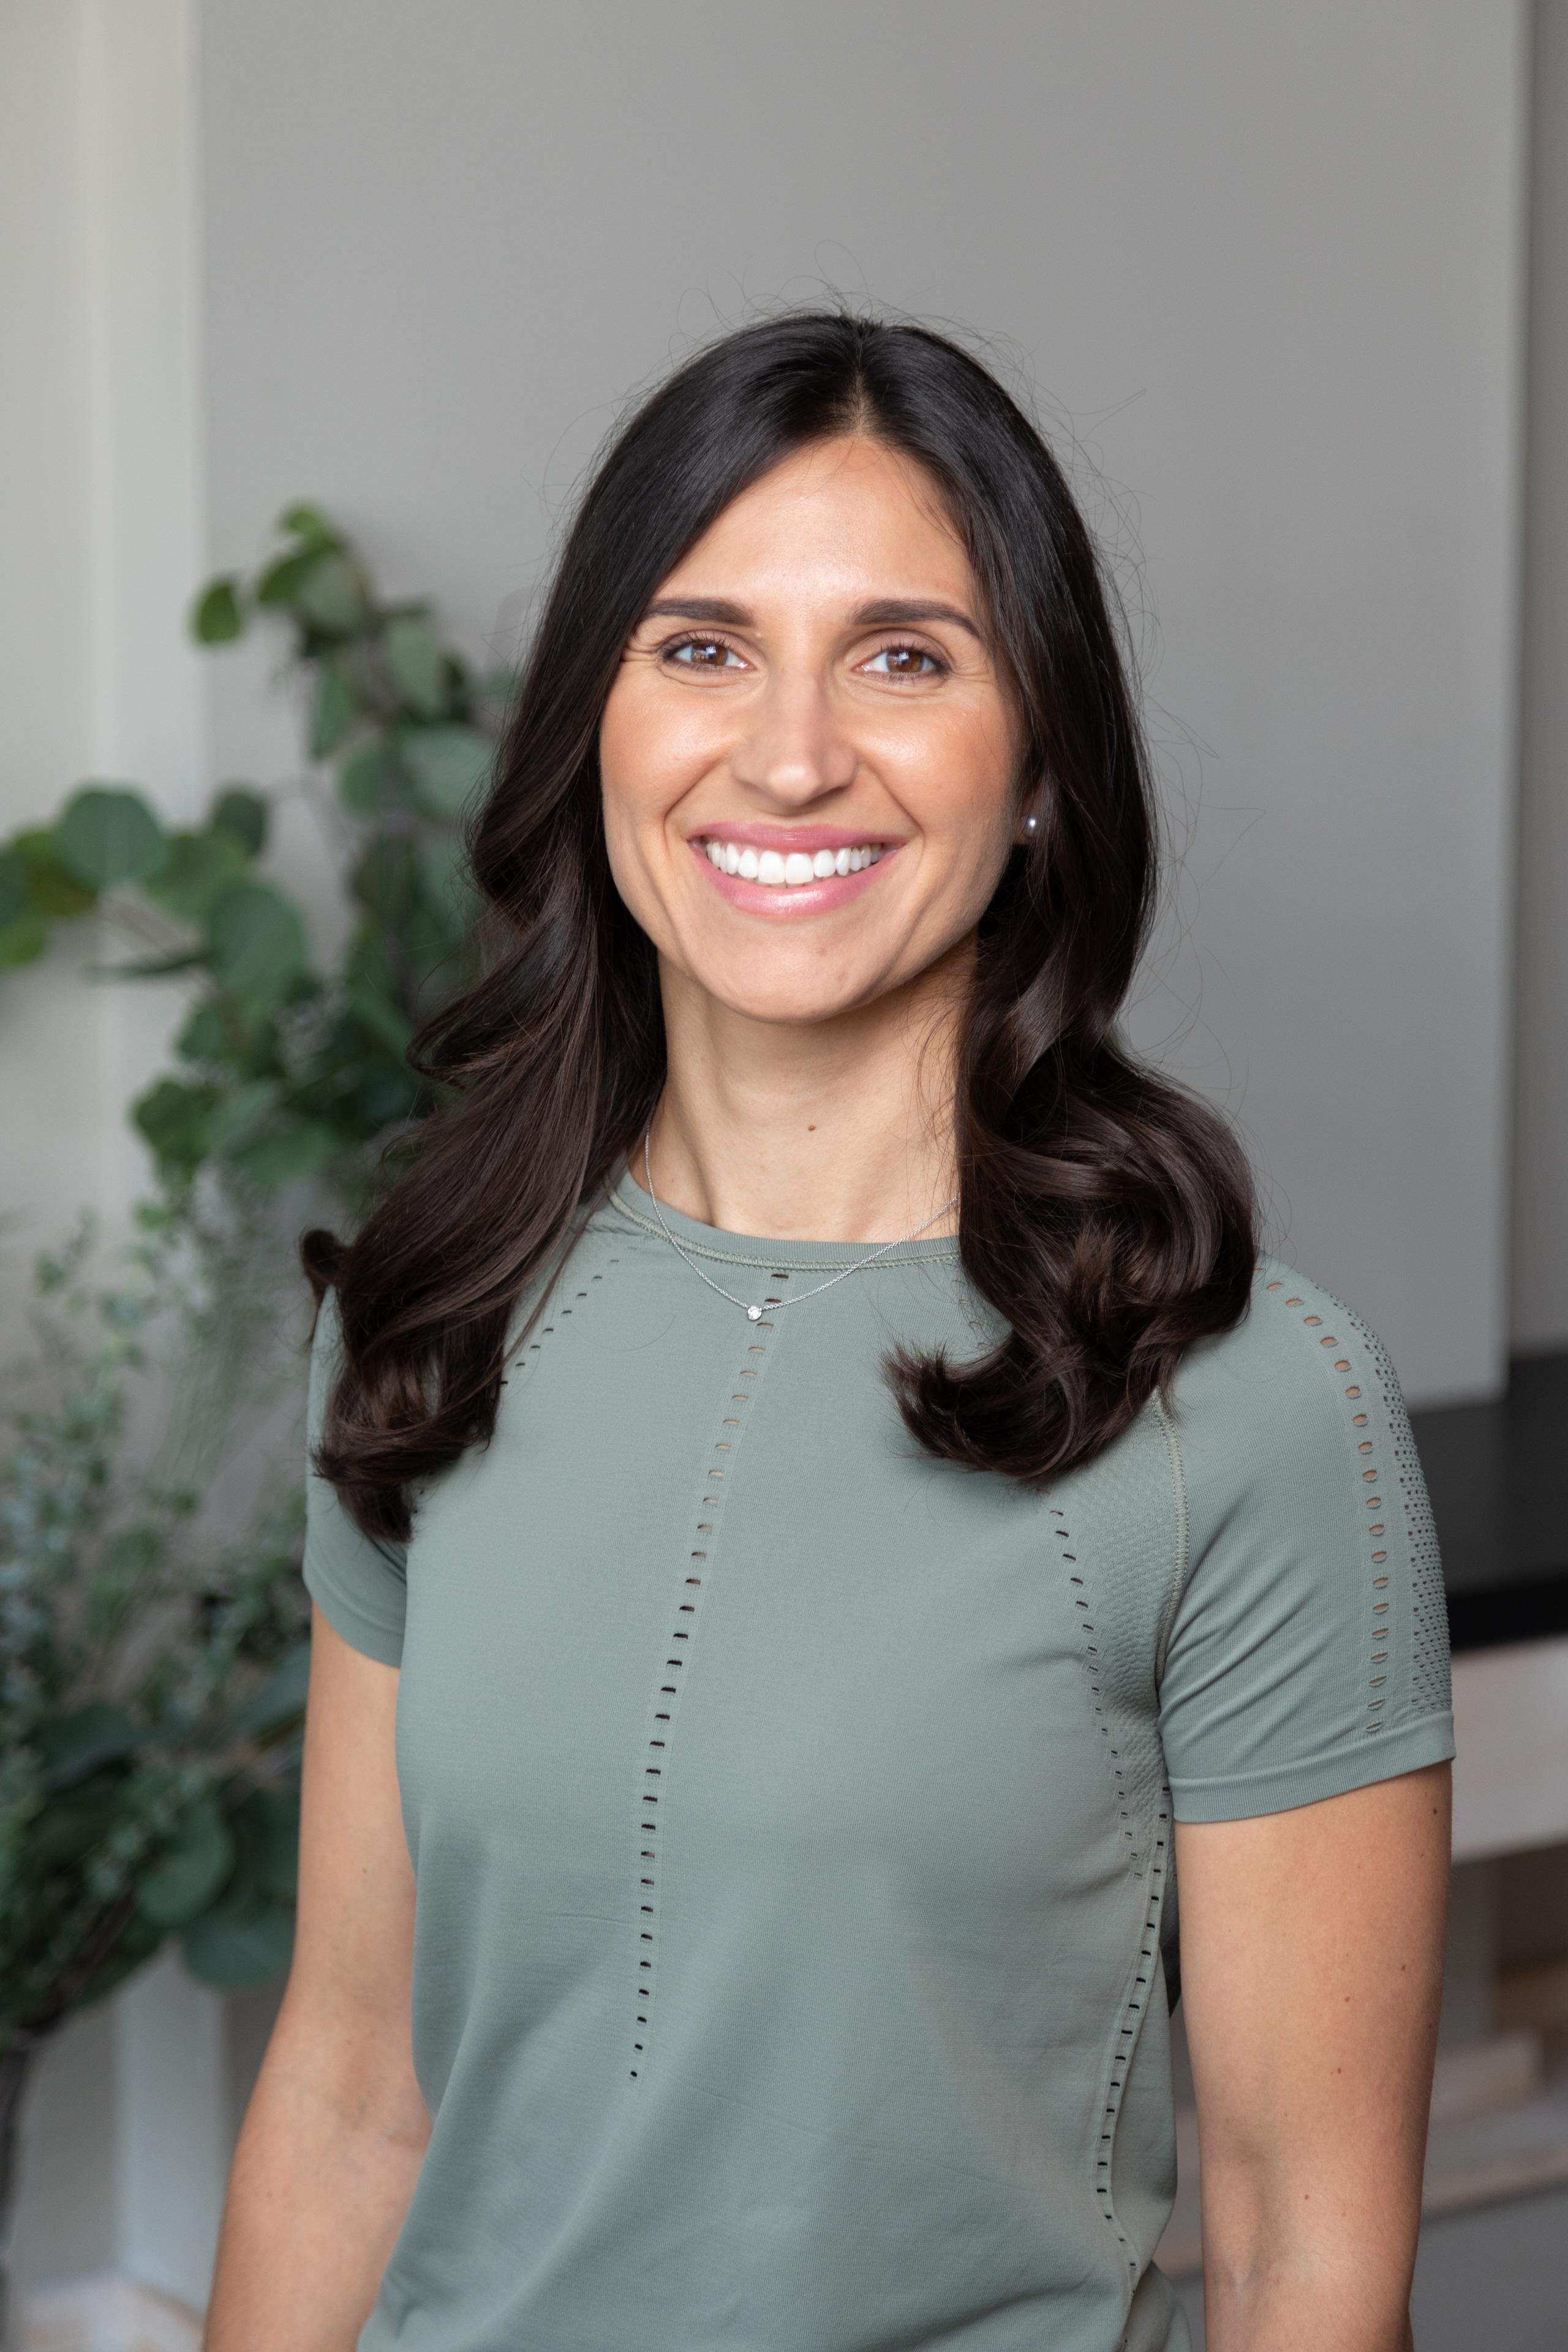 Dr. Cristina Morales